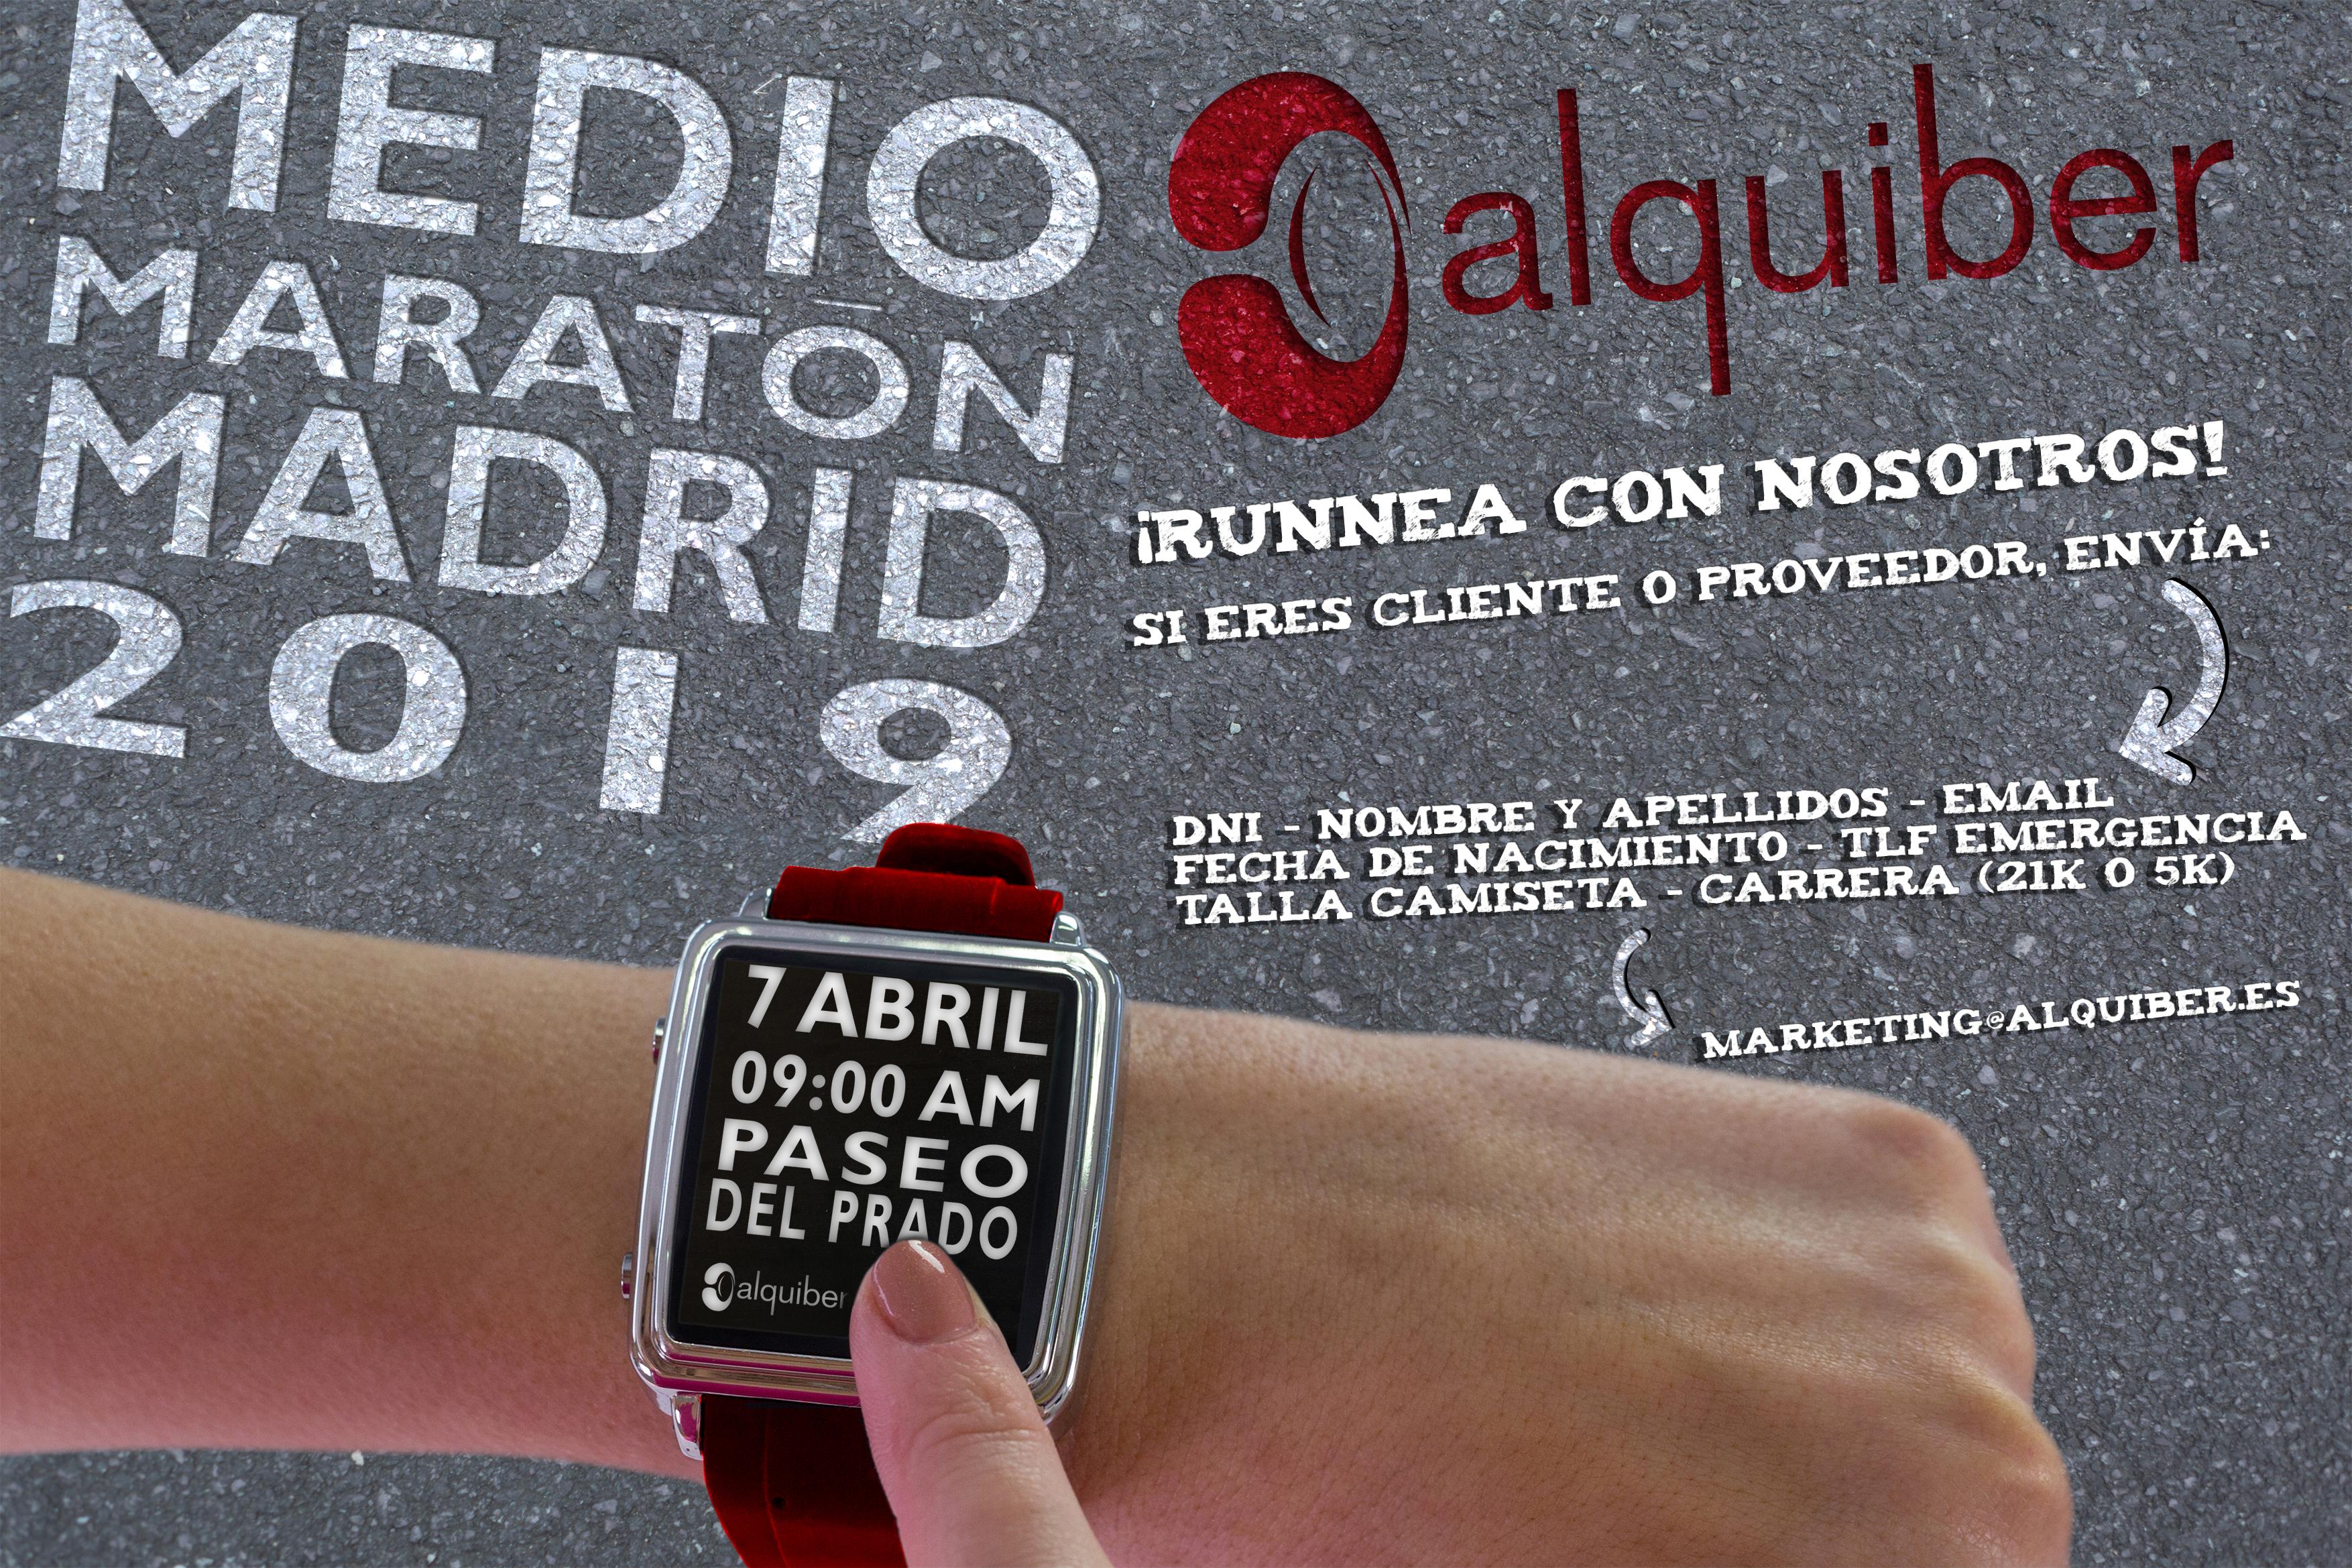 Alquiber estará un año más en el Medio Maratón de Madrid 2019